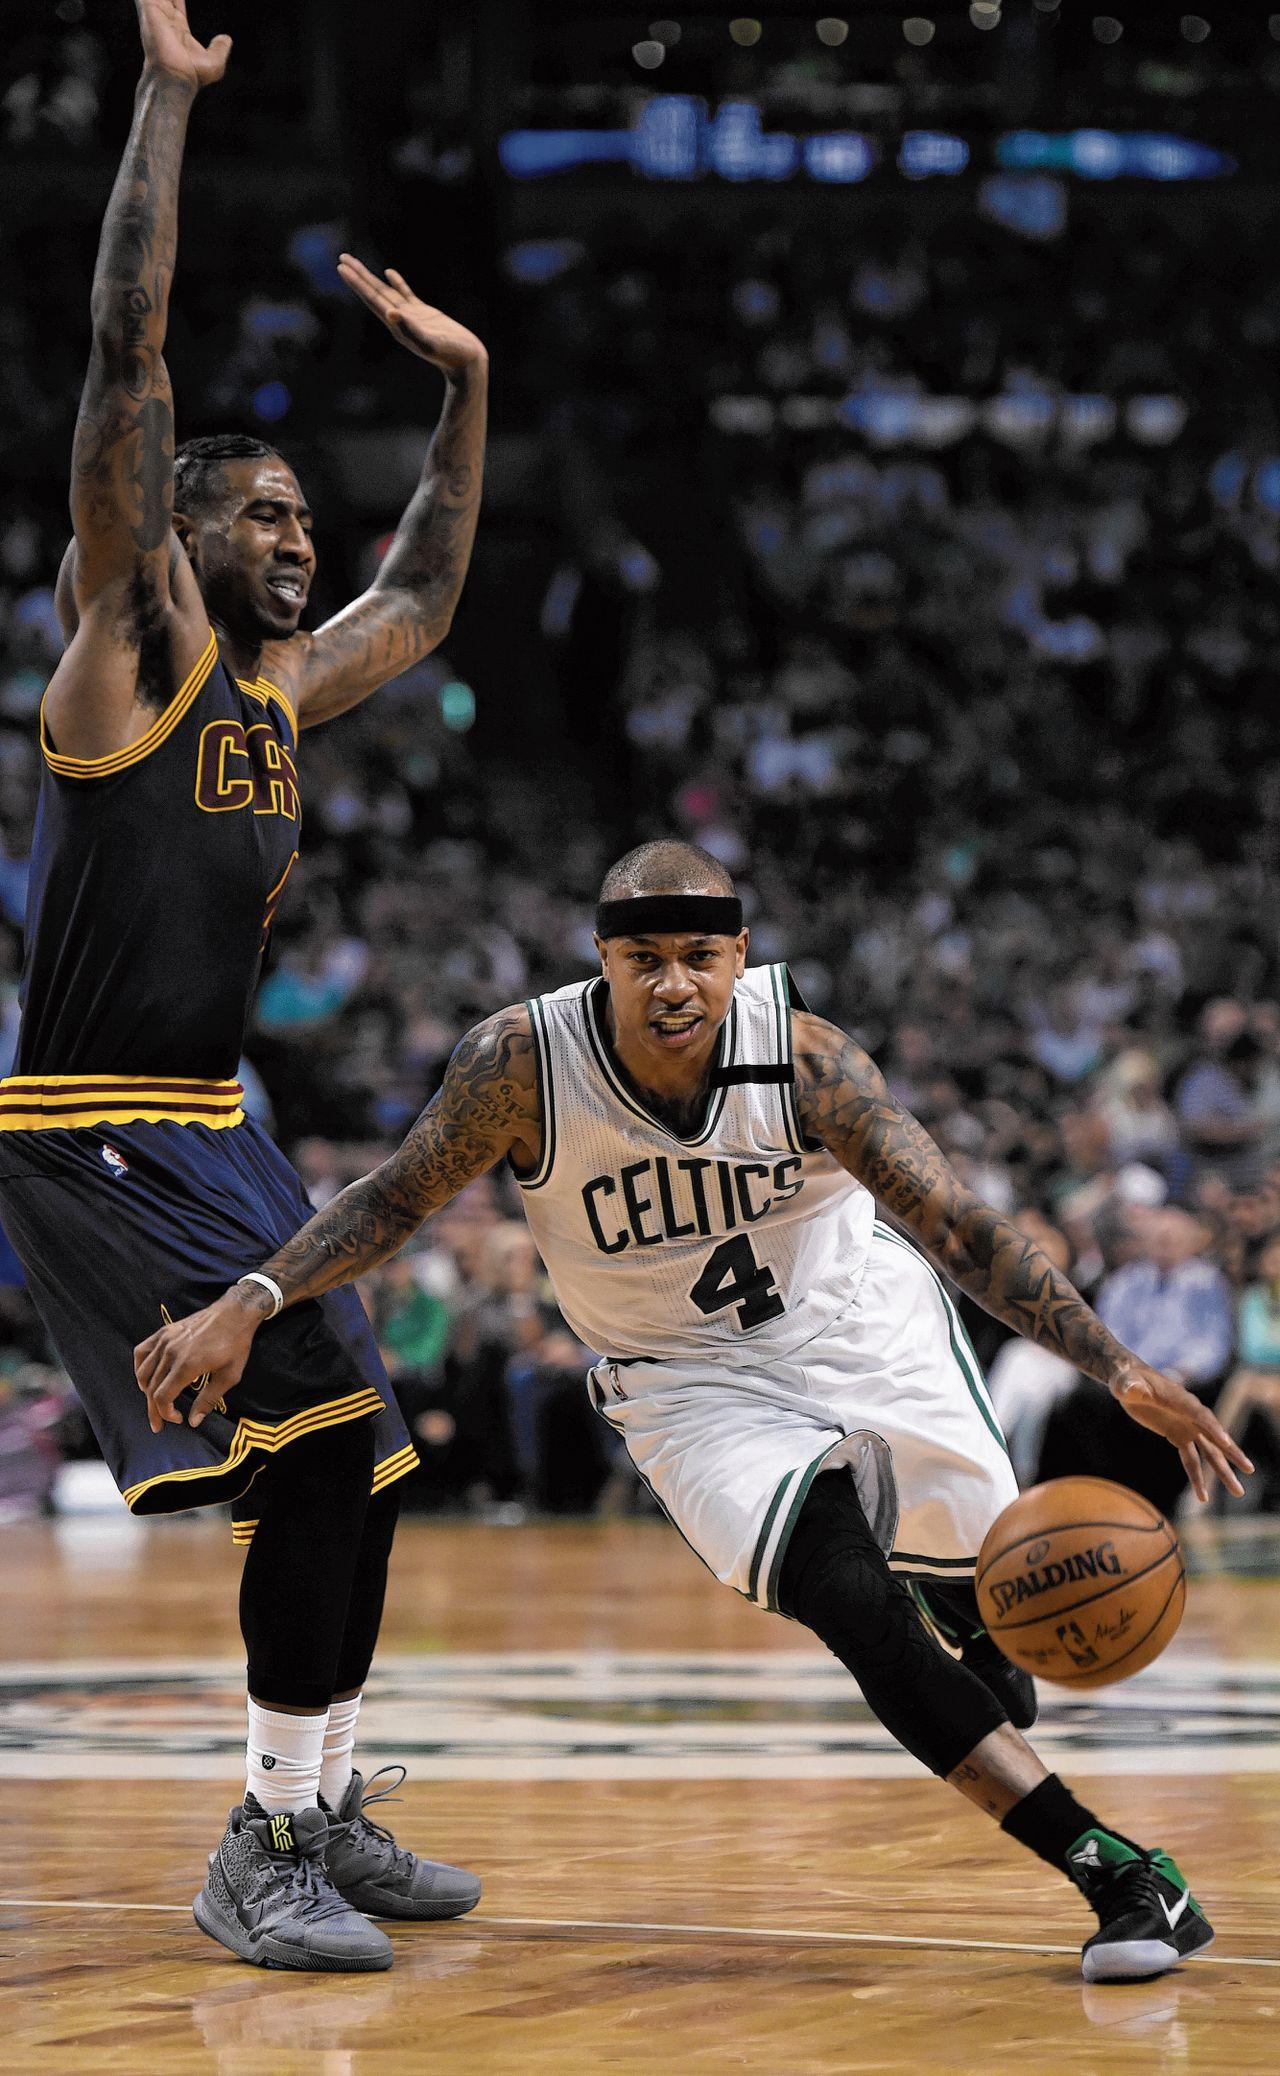 Isaiah Thomas van de Boston Celtics passeert Iman Shumpert van de Cleveland Cavaliers.